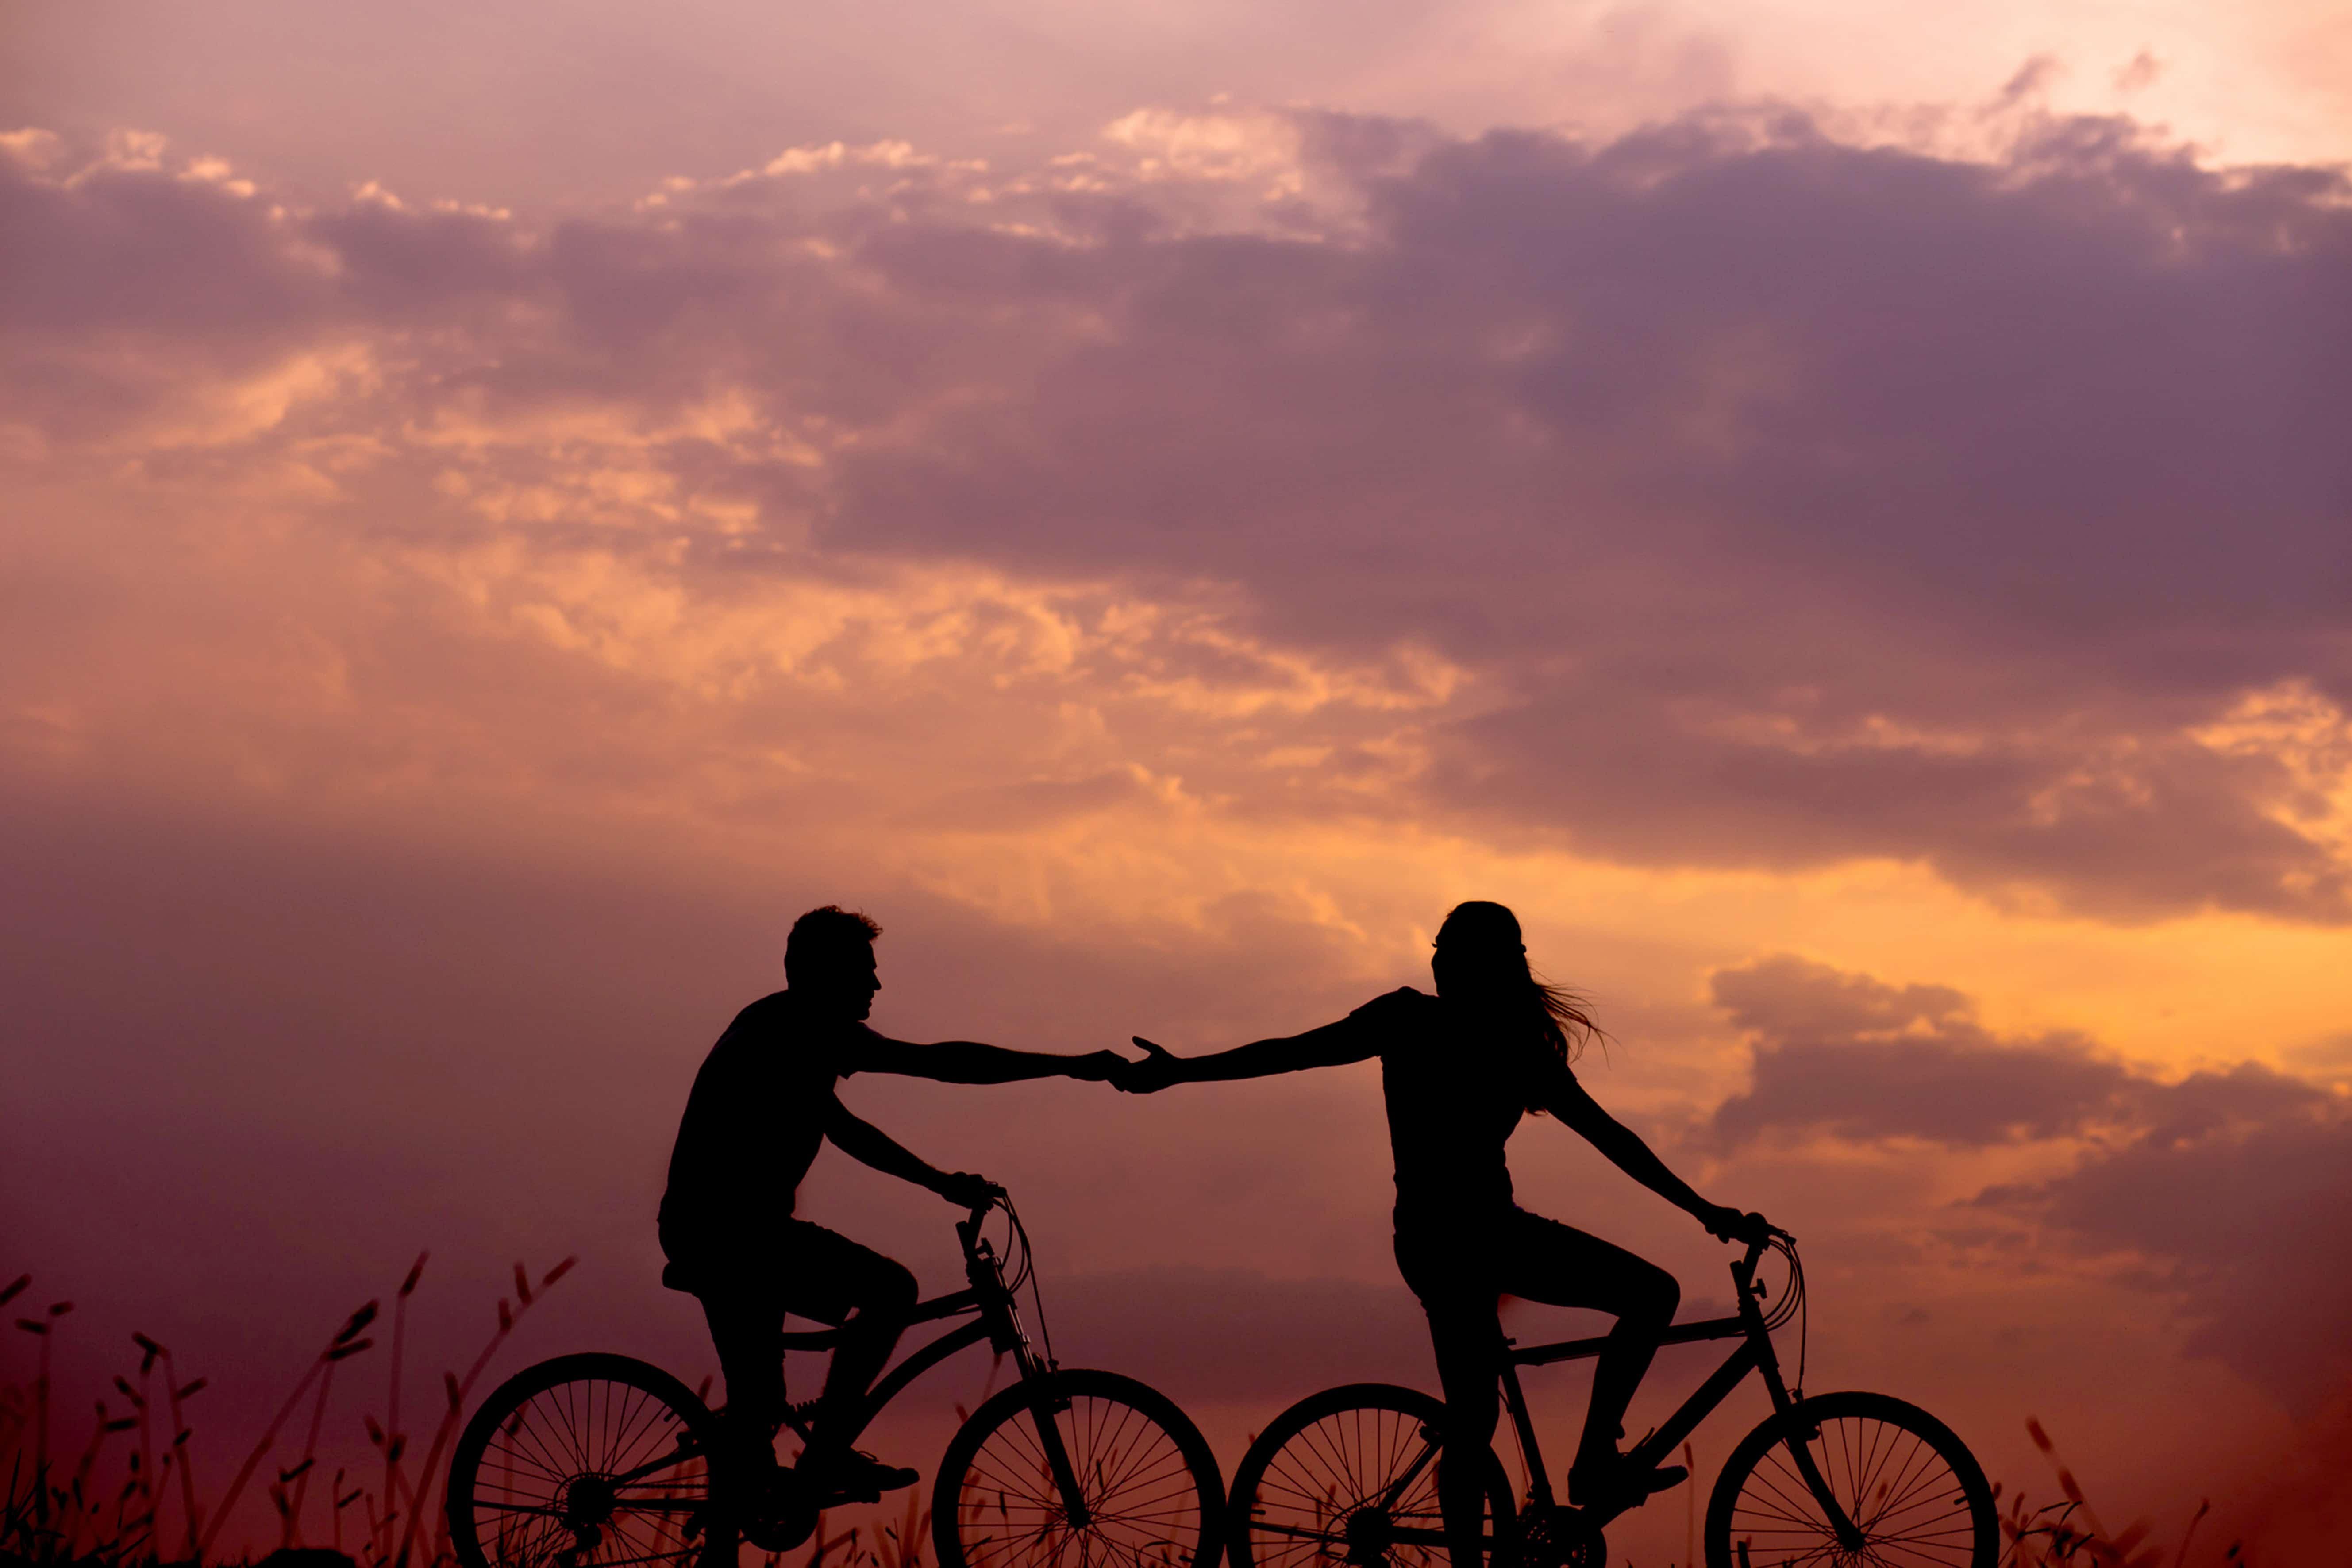 La Via delle Valli in bici: 4 itinerari nel Delta del Po